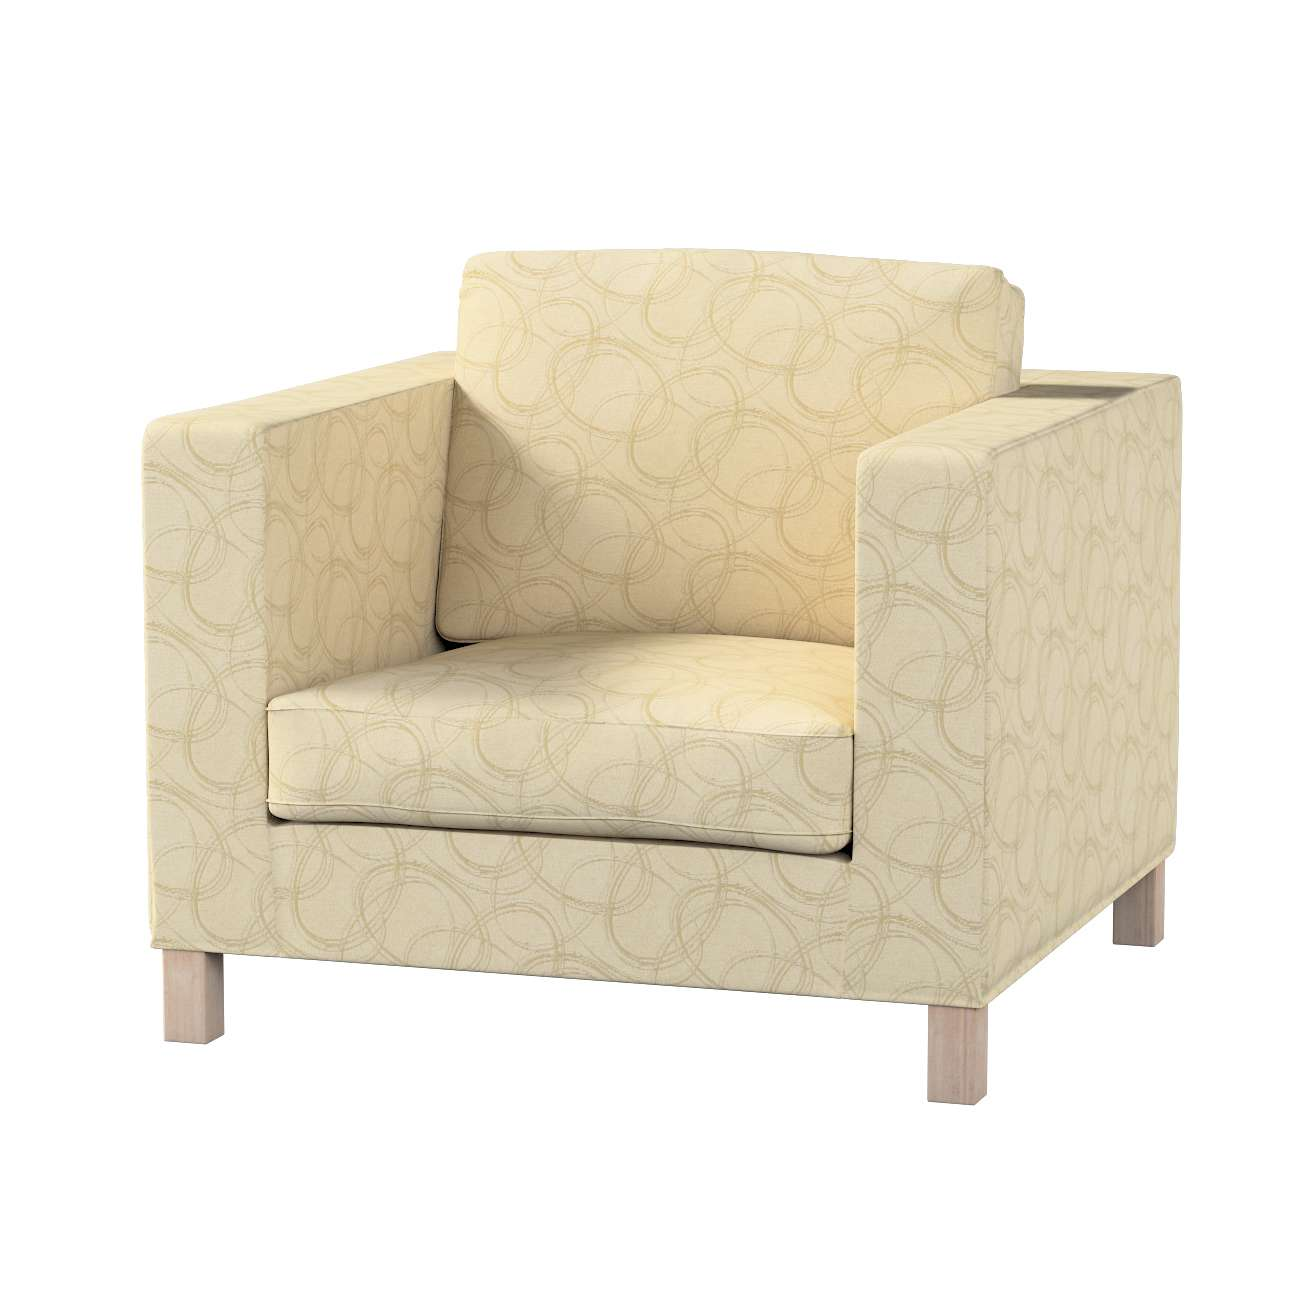 Karlanda päällinen nojatuoli, lyhyt mallistosta Living, Kangas: 161-81